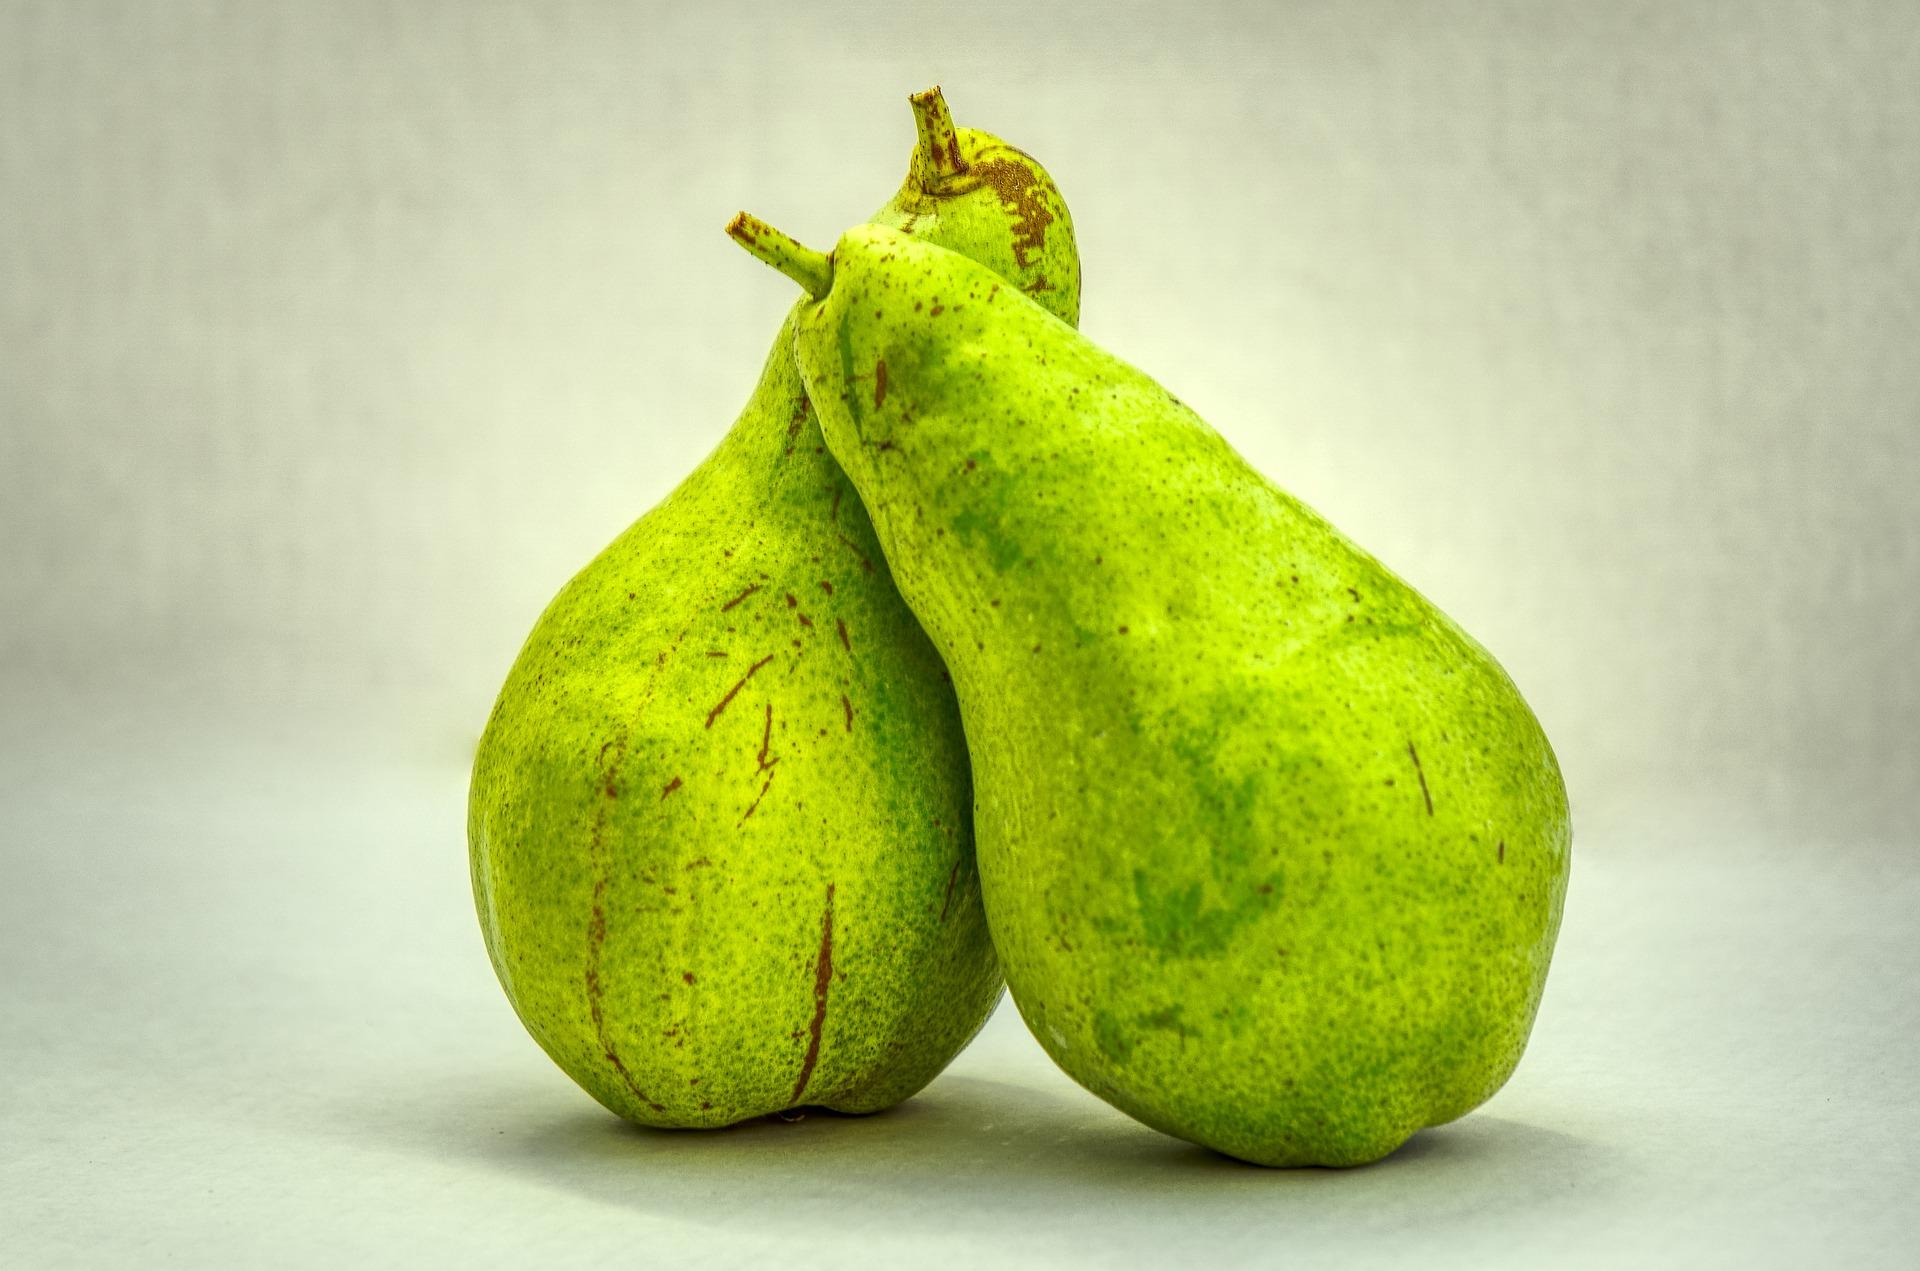 Ingredient of the Week: Pear